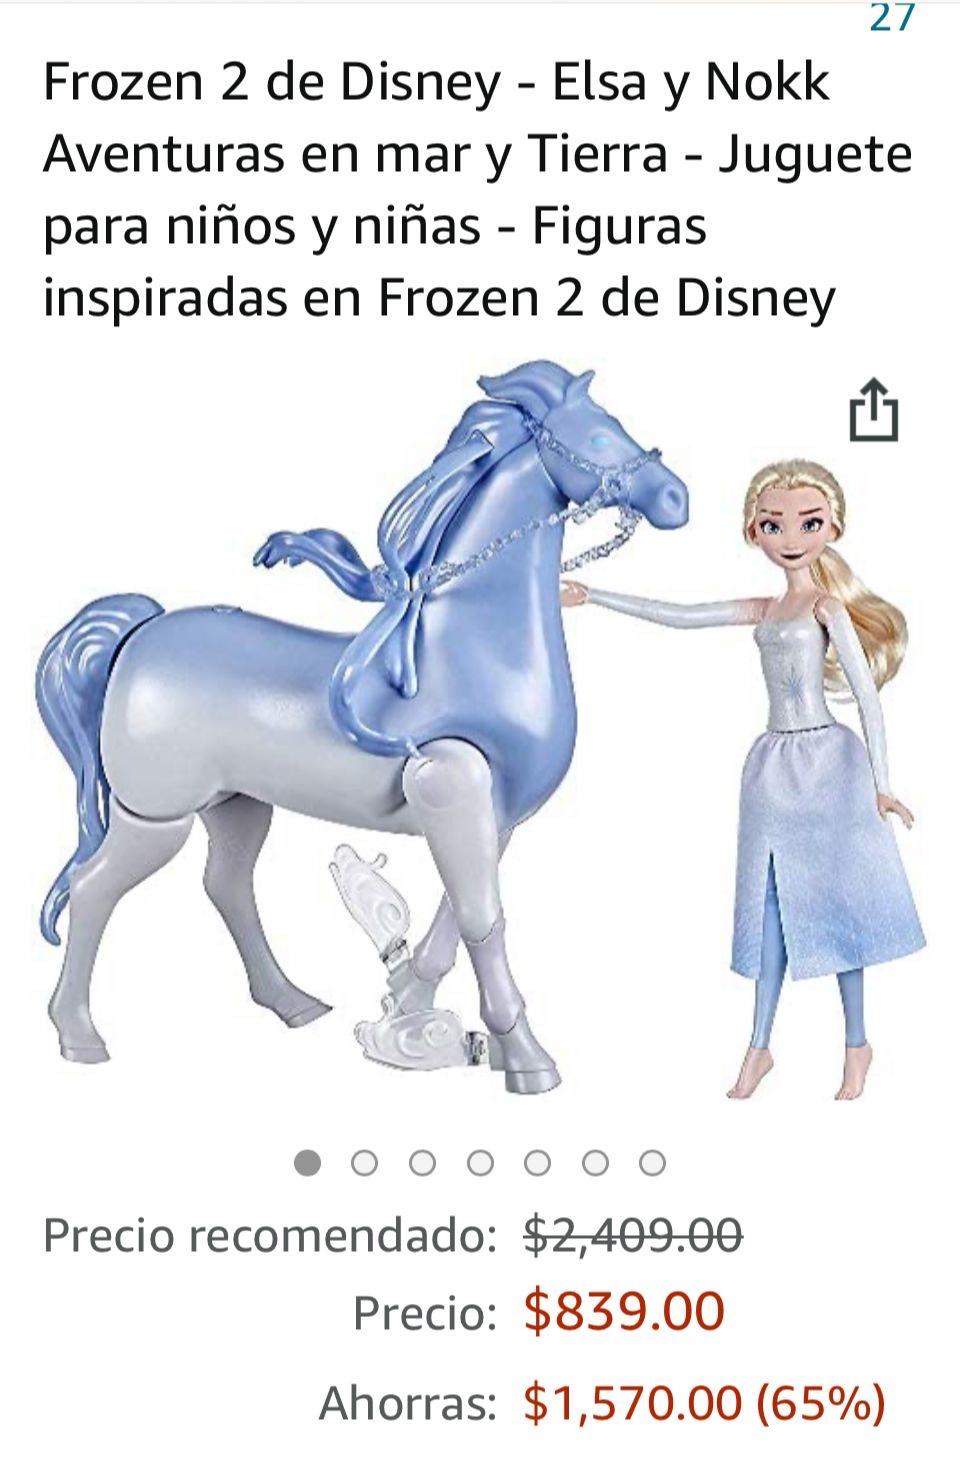 Amazon: Frozen 2 Elsa y Nokk (camina y nada)